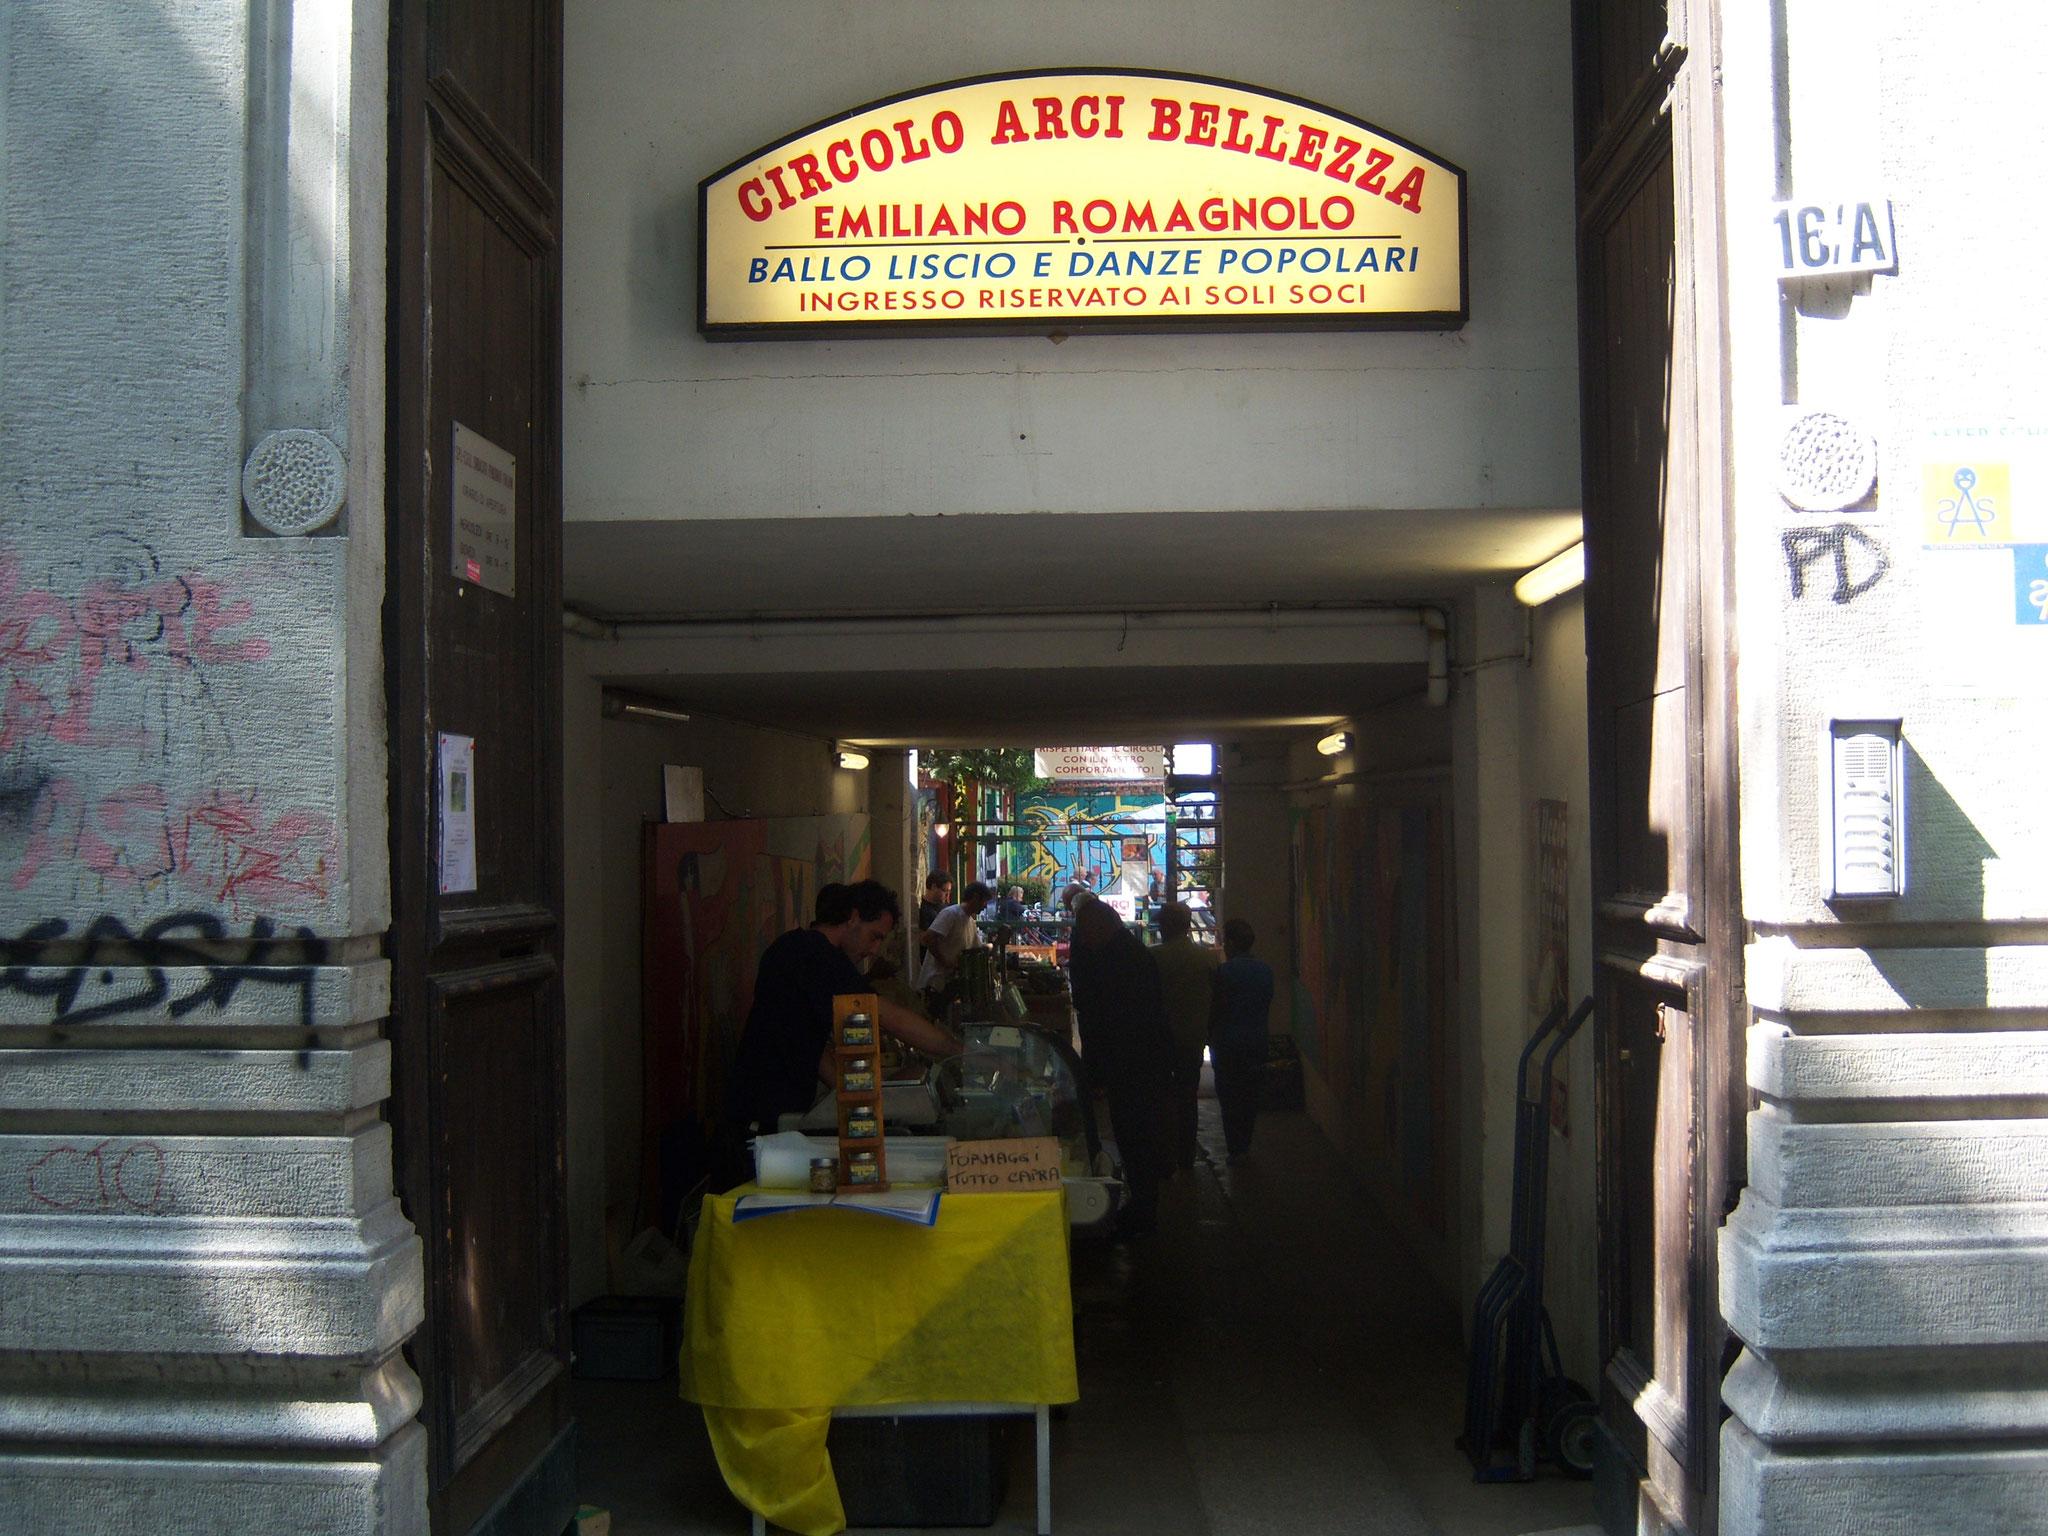 mercato del giovedì in Via Bellezza 16/a all'interno del Circolo Arci